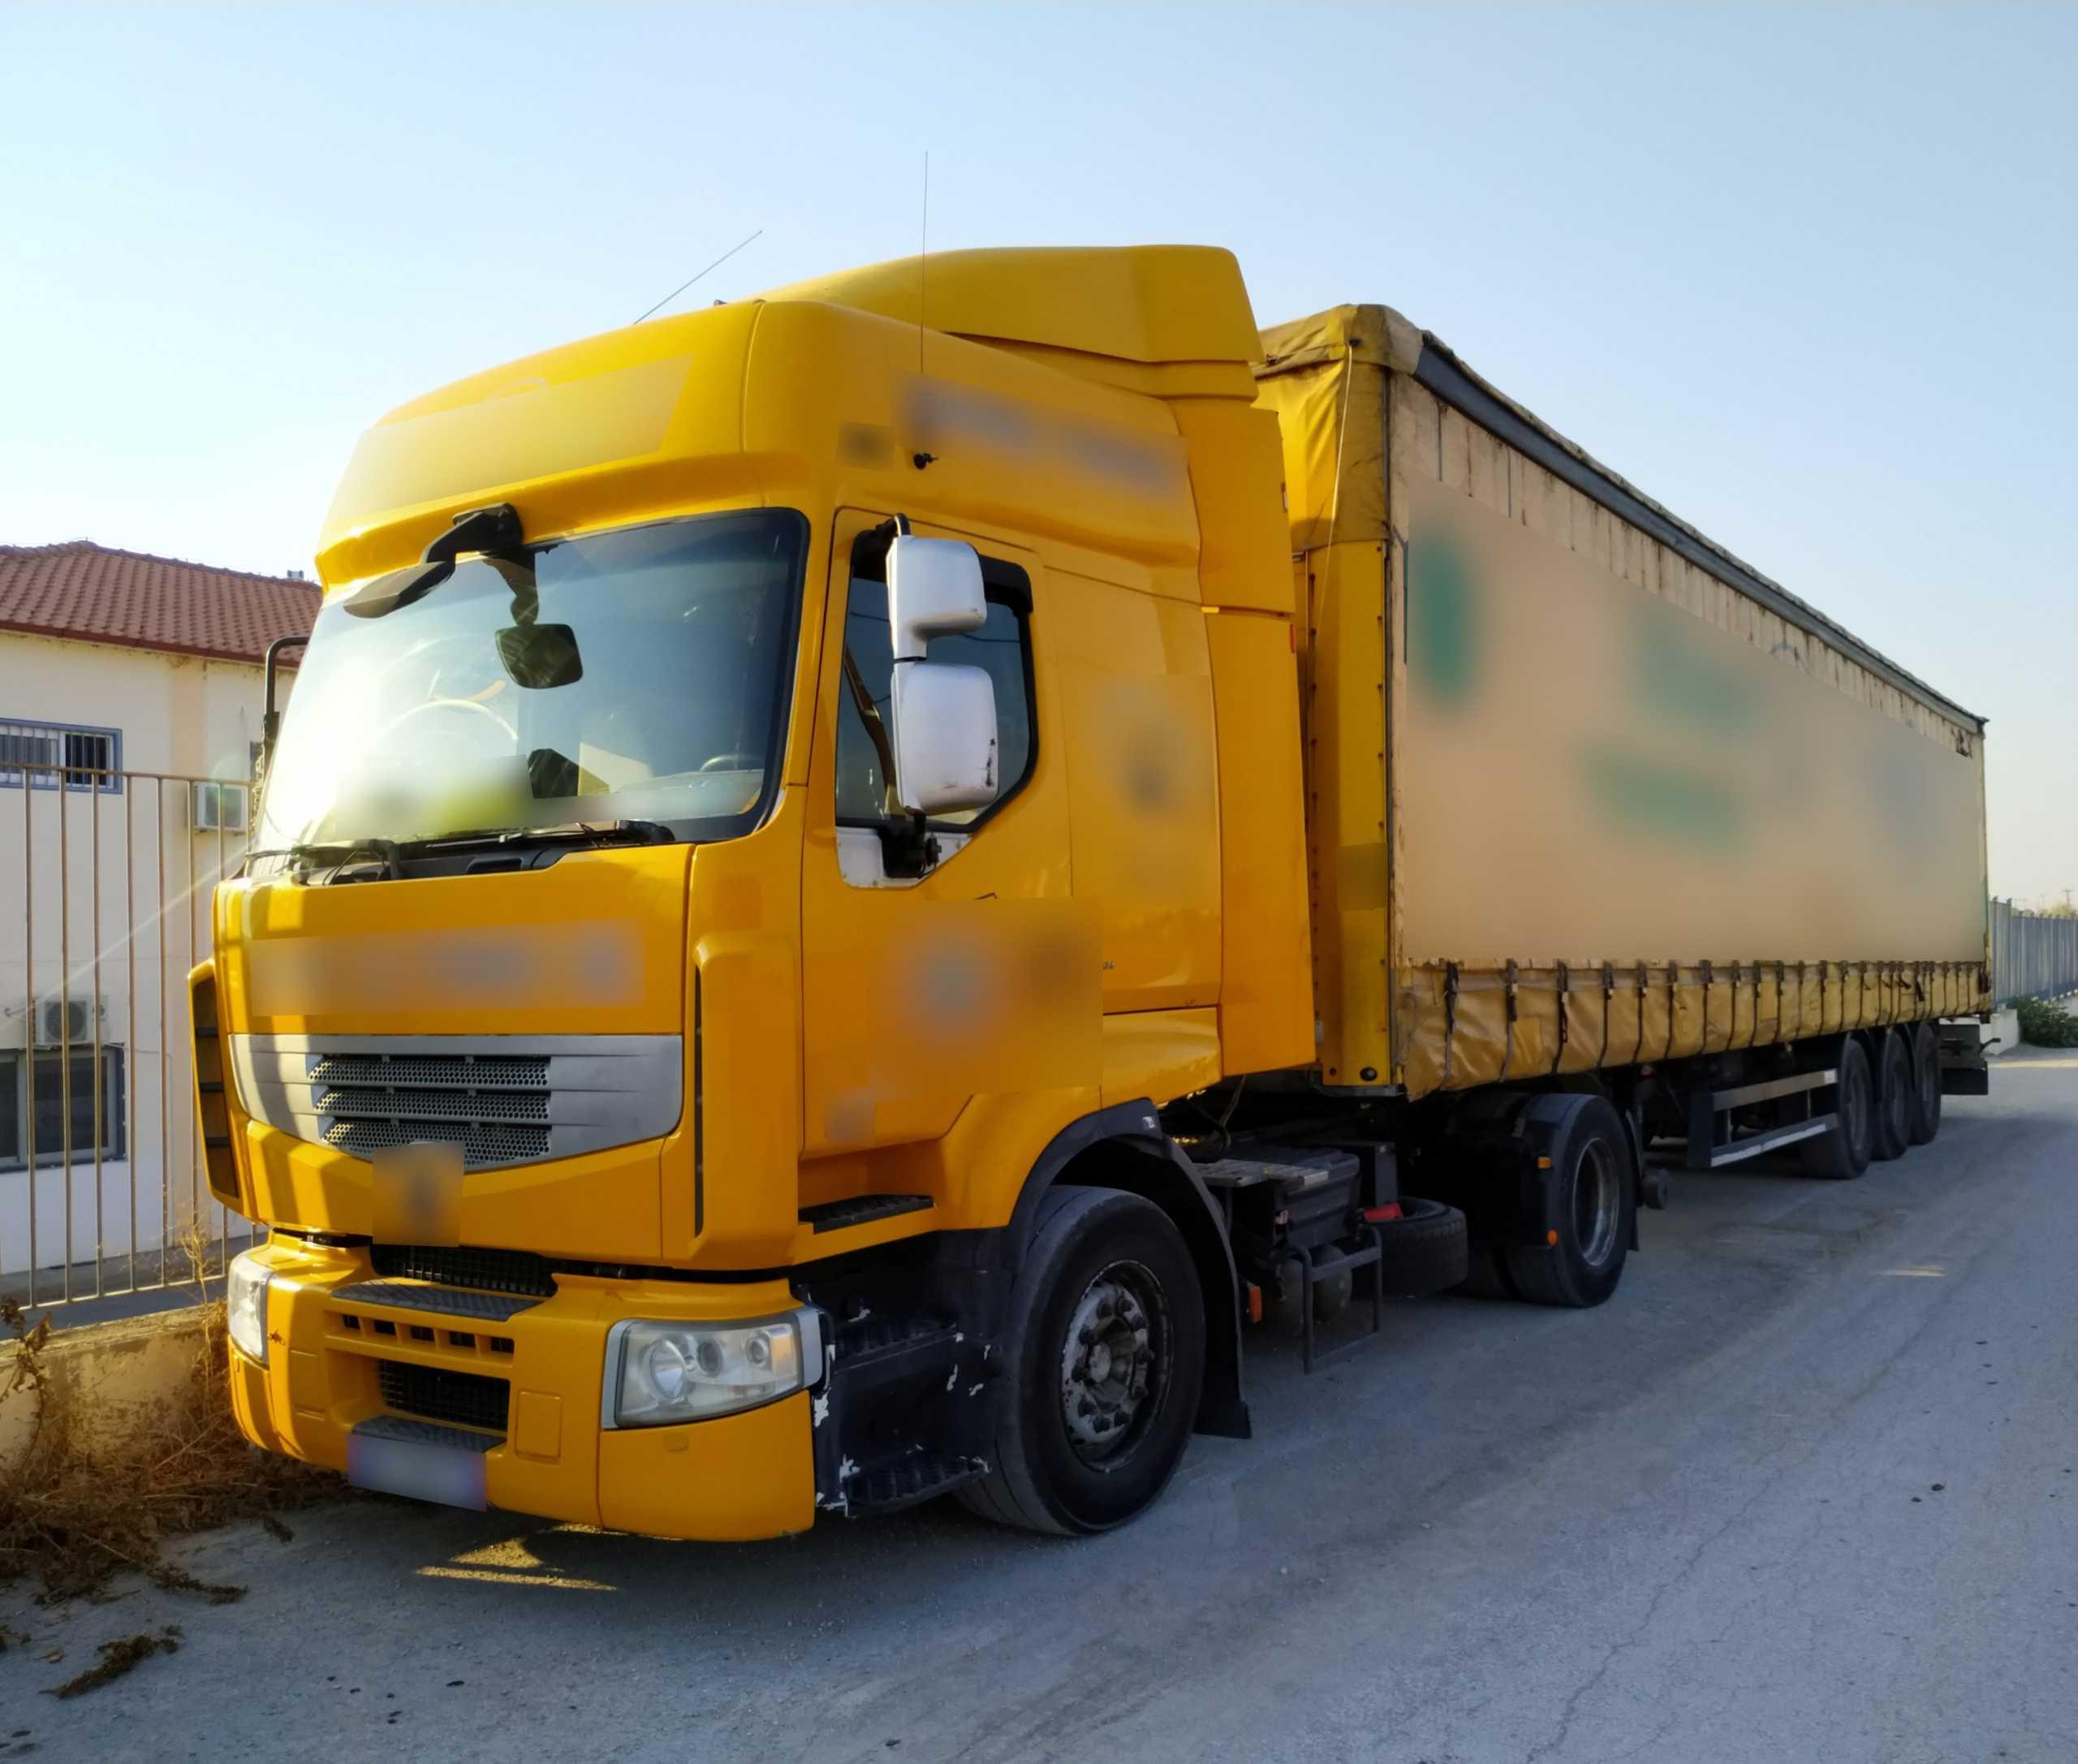 Έβρος: Άνοιξαν την καρότσα του φορτηγού και κάλεσαν ενισχύσεις – Οι εικόνες που είδαν οι αστυνομικοί